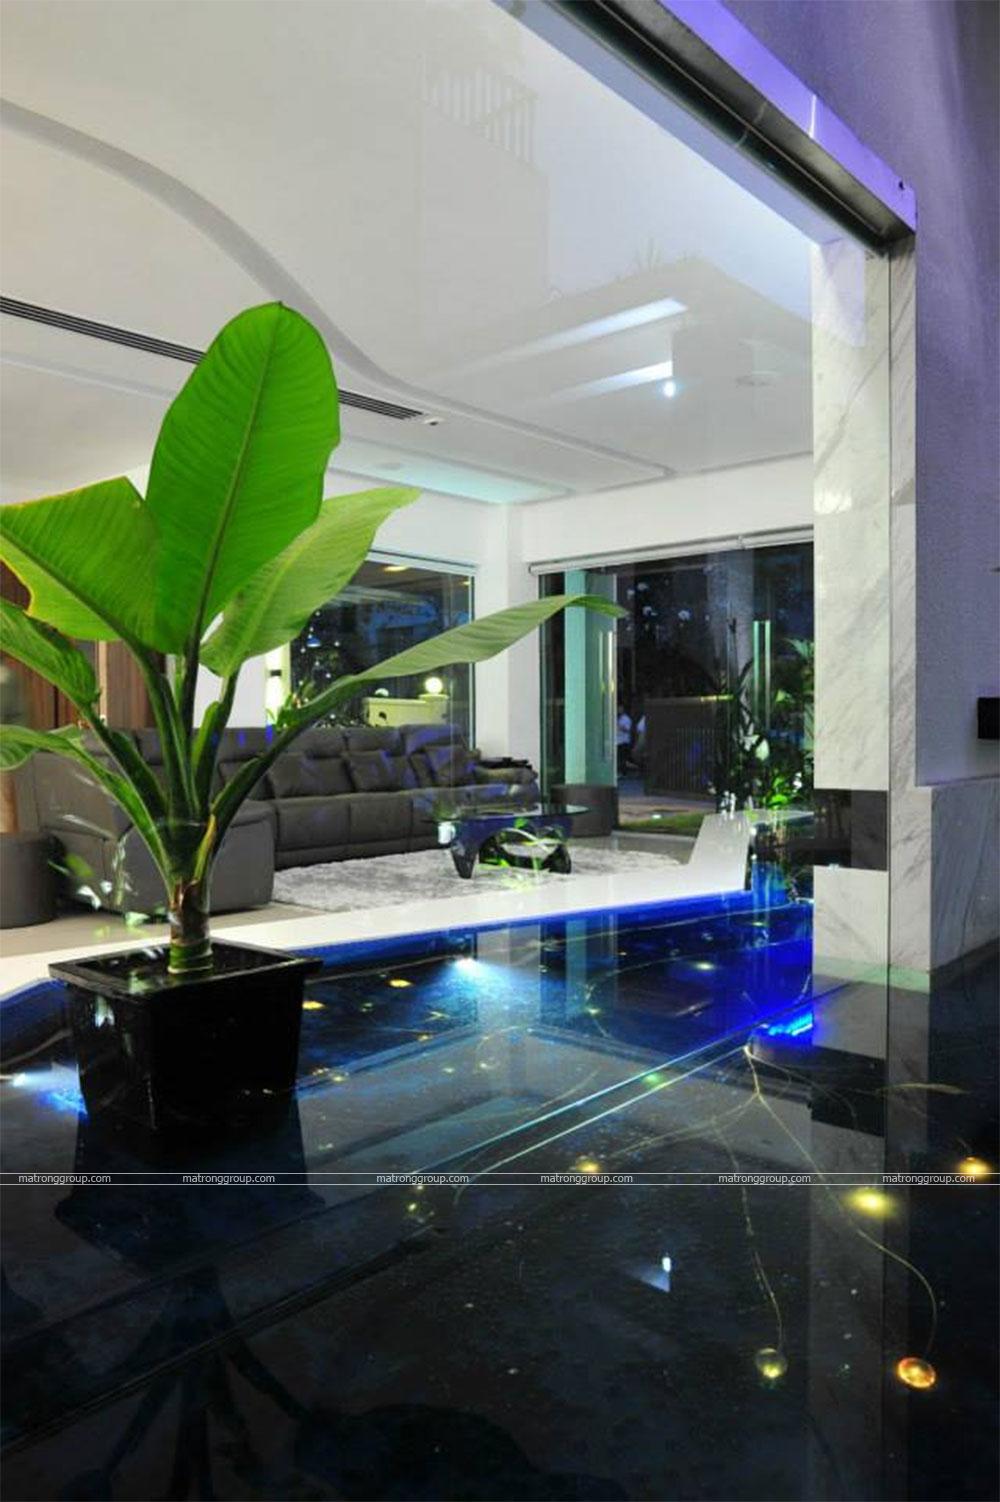 thiết kế thi công nhà phố hiện đại Trường Chinh, Q.12-HCM 4